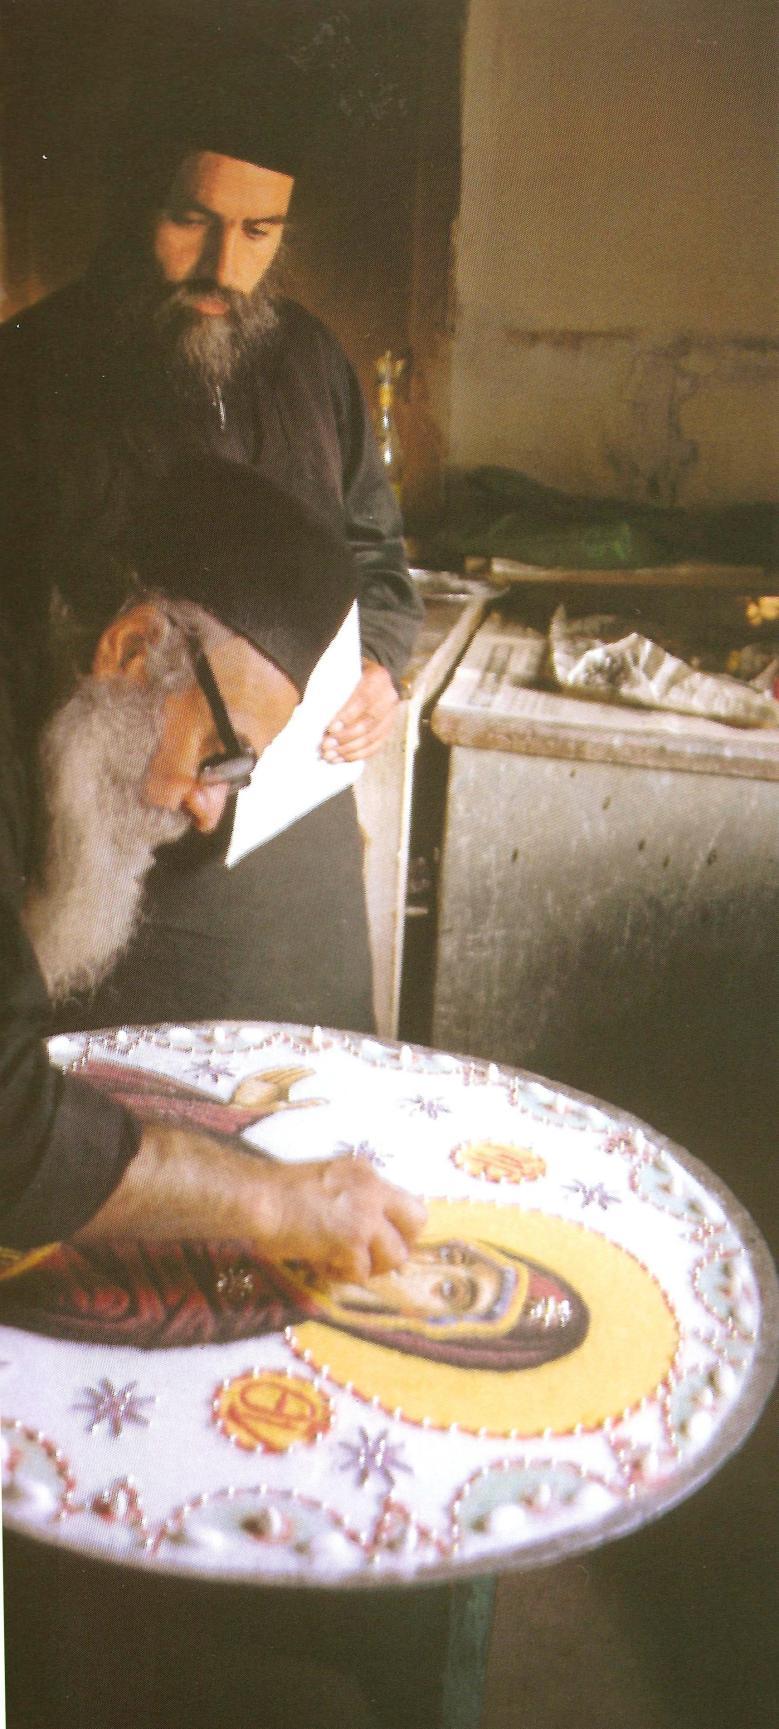 Μοναχοί ευτρεπίζουν τα κόλλυβα. Monks decorating ''kolliva''.